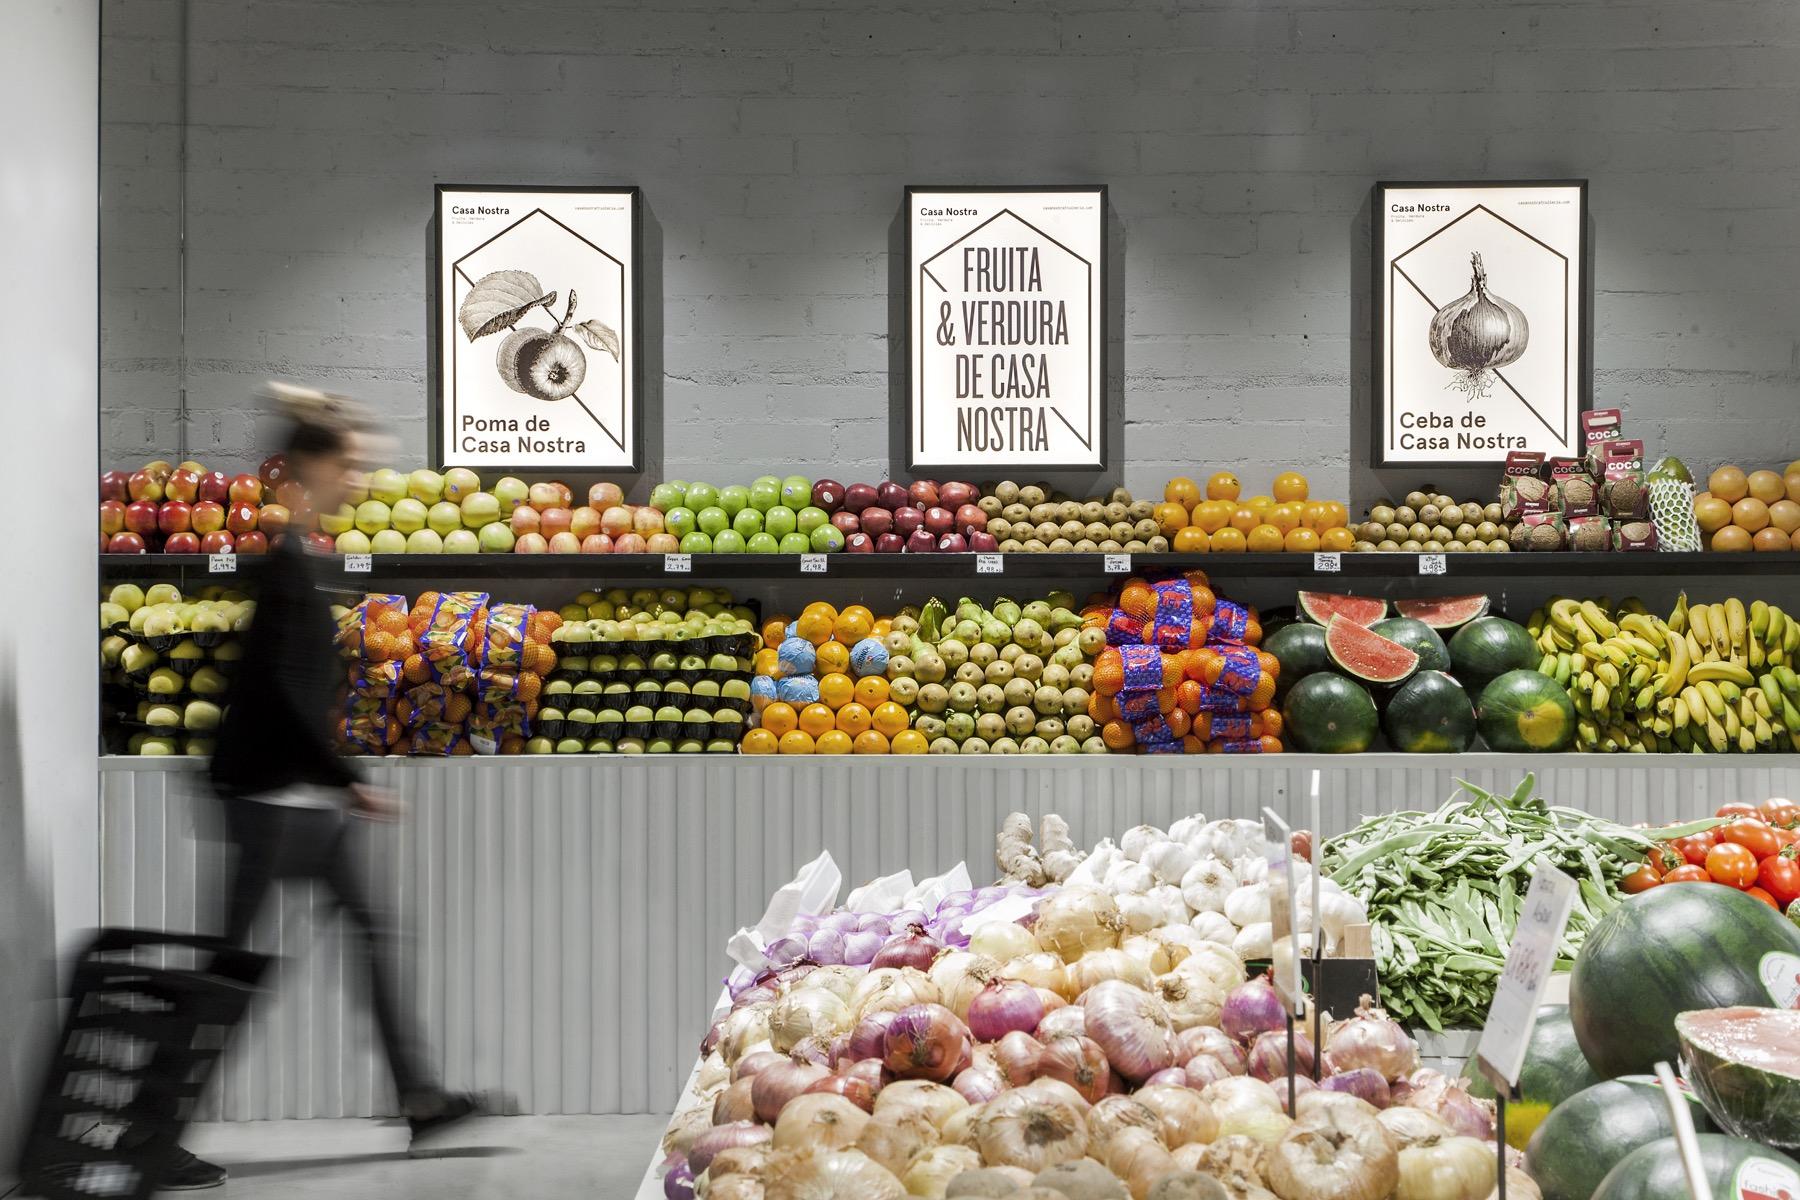 Casa Nostra เมื่อร้านผักแถวบ้านกลับมา 'ฮิป' อีกครั้งด้วยแนวคิดการออกแบบ